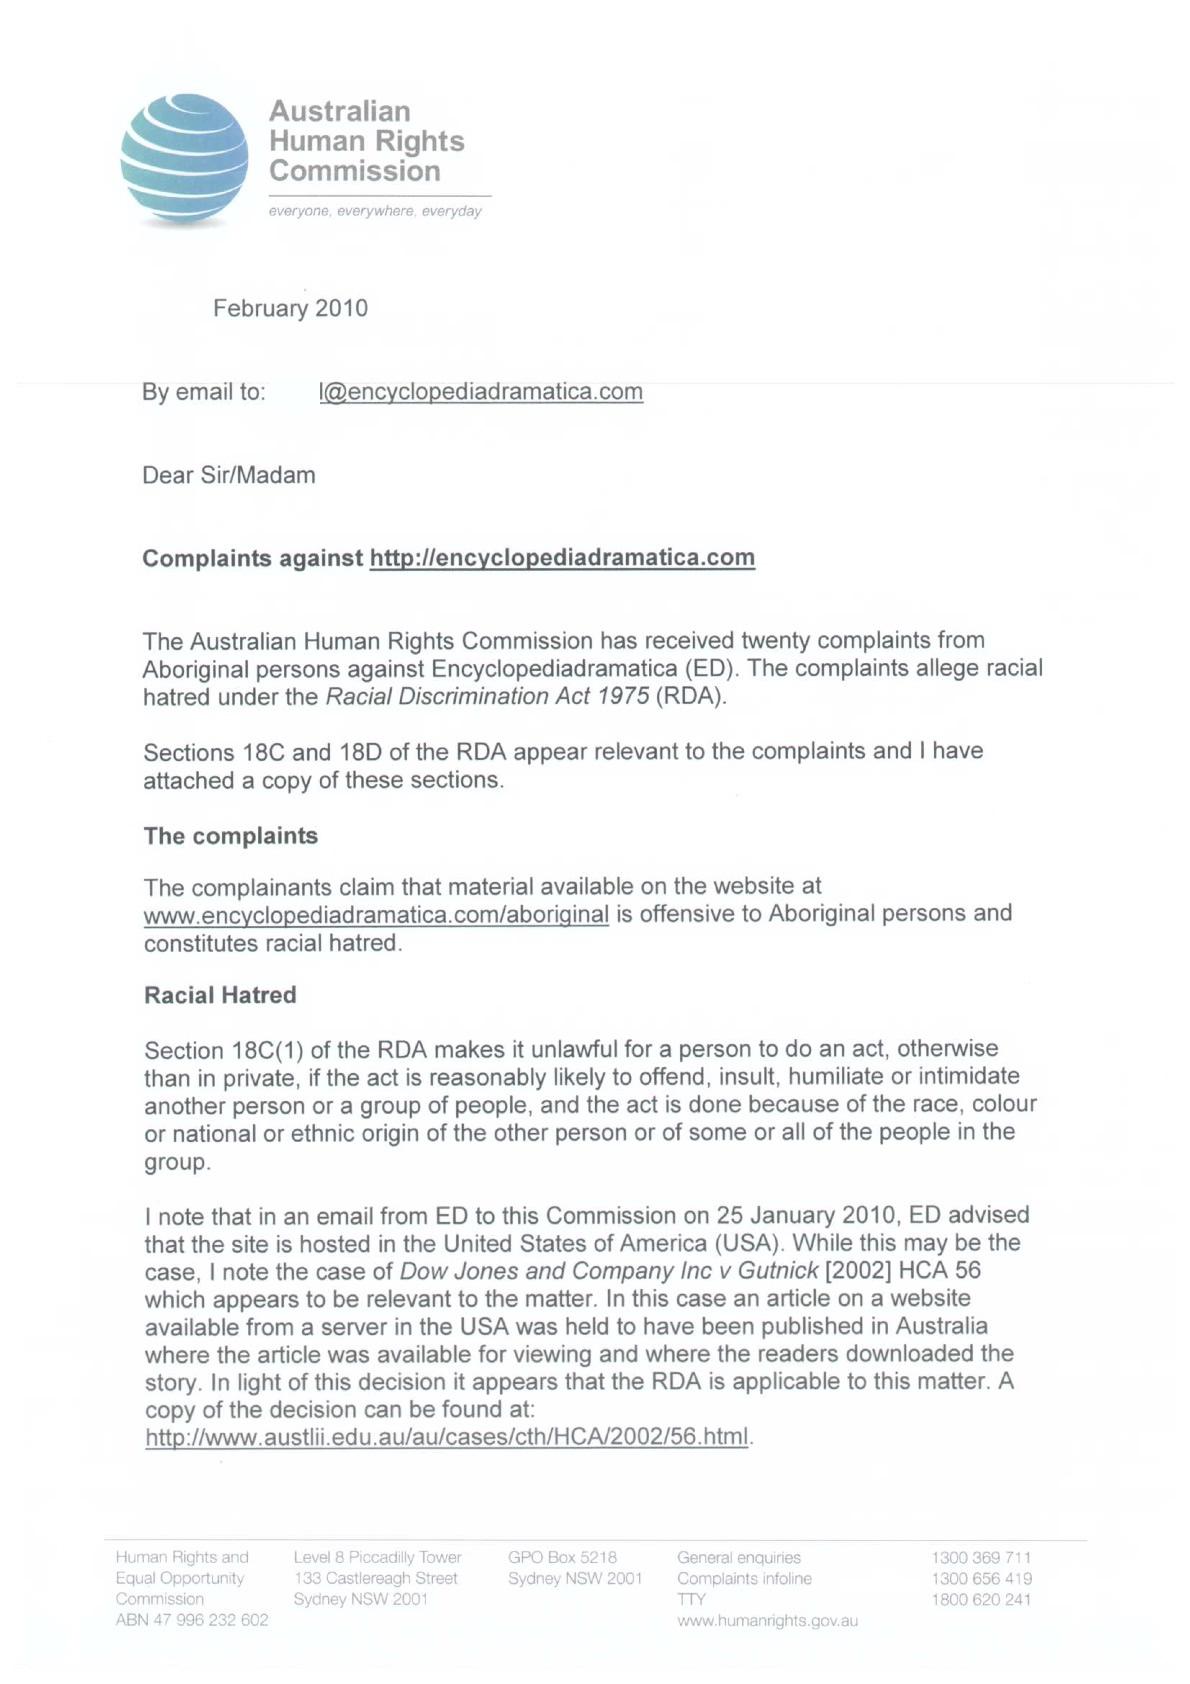 racial discrimination complaint letter sample